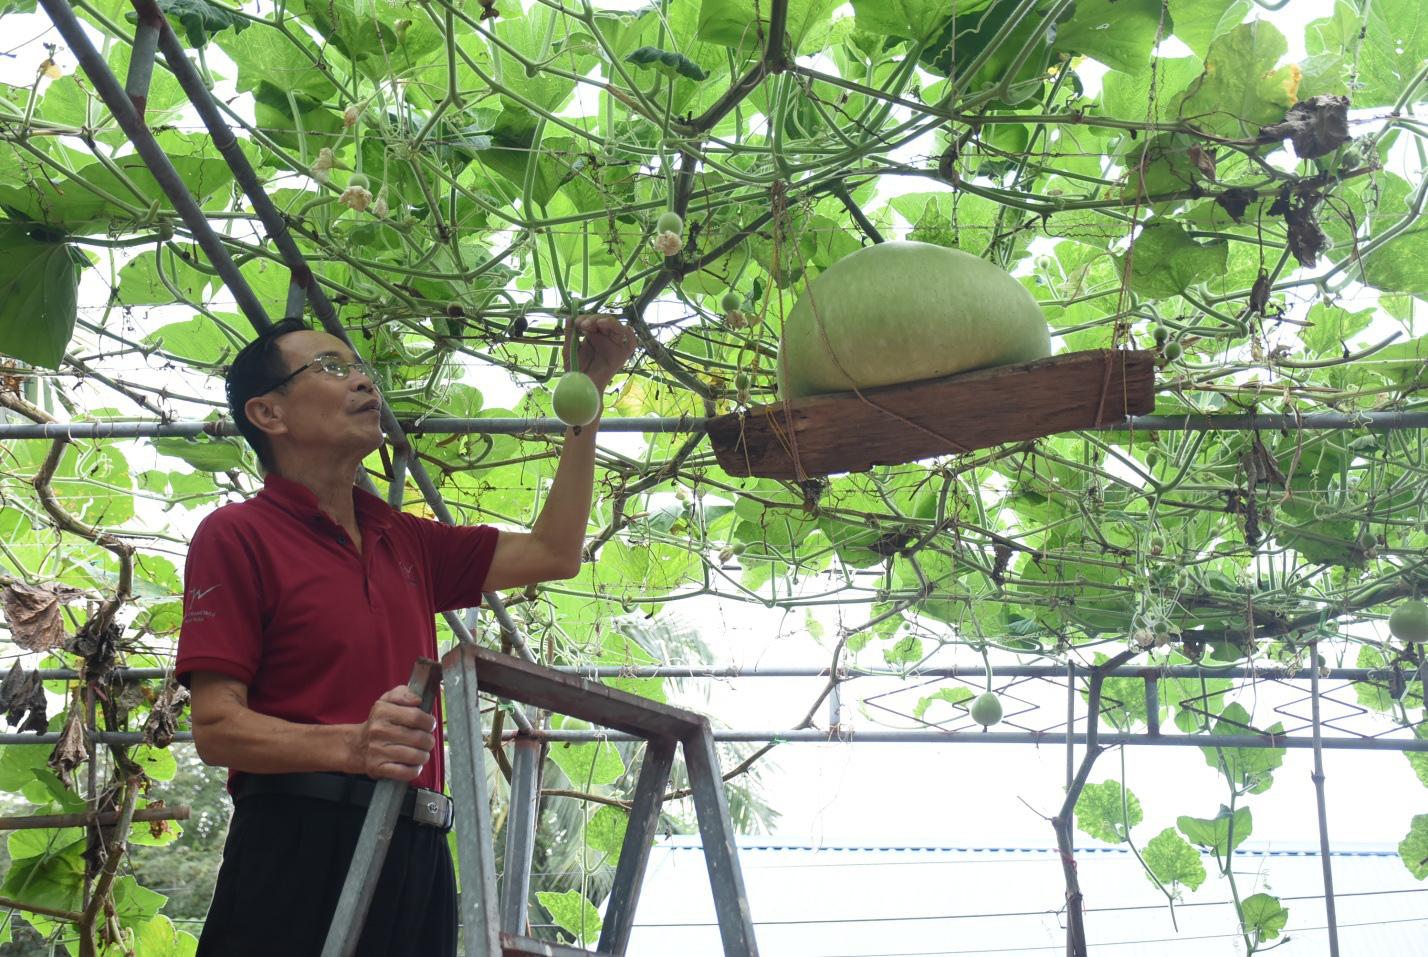 Hải Phòng: Giống bầu lạ, quả tròn khổng lồ mỗi trái nặng 15kg ăn cả tuần không hết - Ảnh 8.